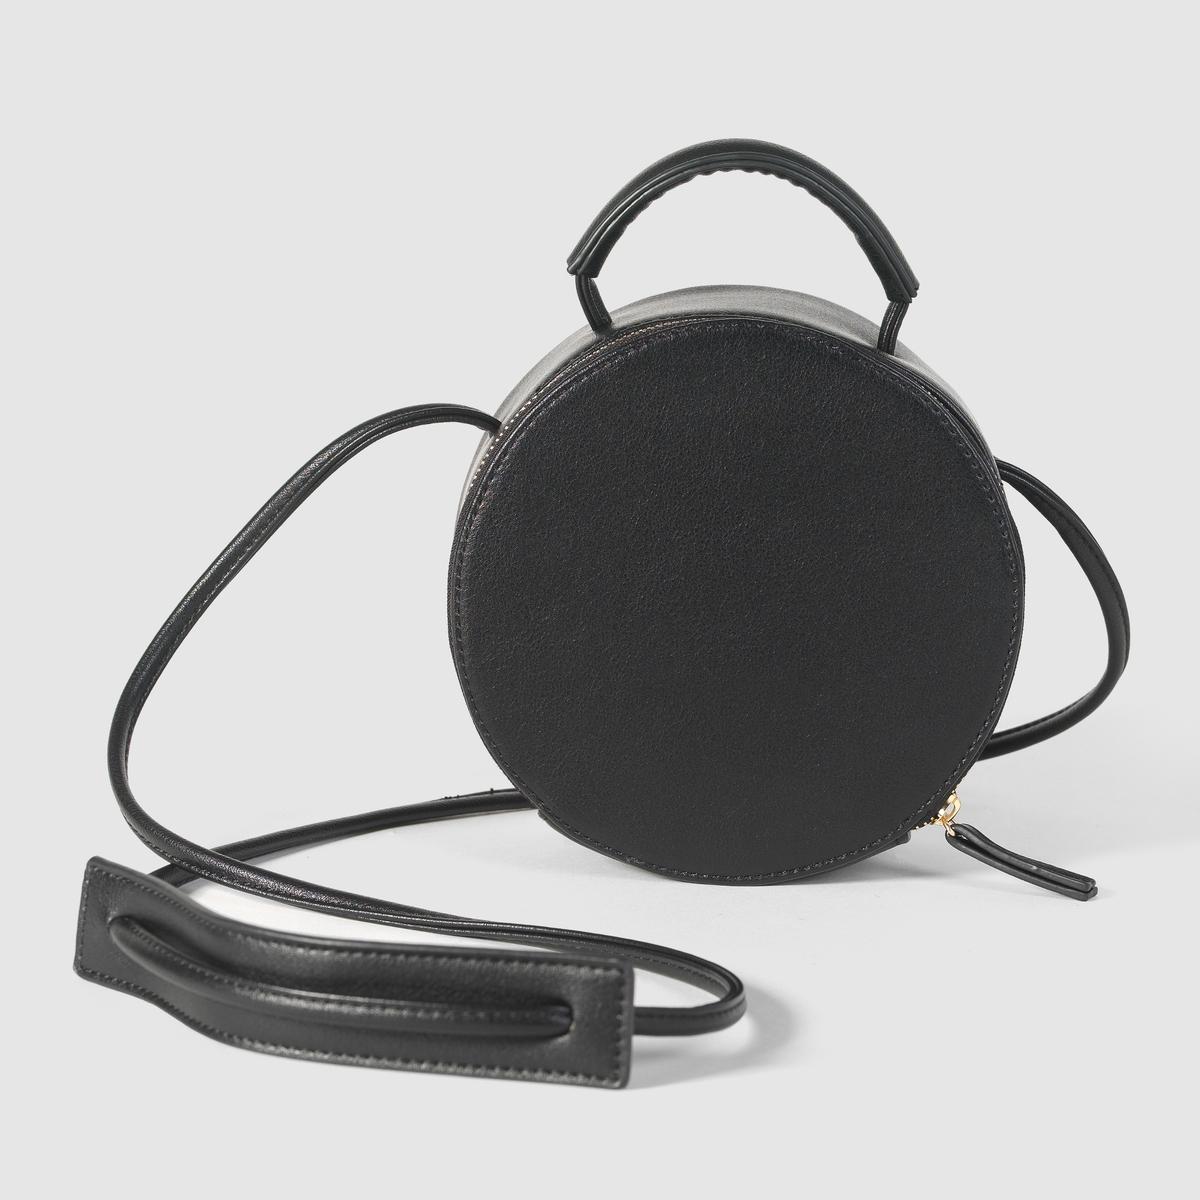 Сумка круглая маленькаяМарка: R edition.Размеры: диаметр 17 см x 8 см.Верх: 100% полиуретана.Подкладка: текстиль 100% полиэстера.Застежка: на молнию.Карманы: 1 внутренний карман.Плечевой ремень: ручка и плечевой ремень. Преимущества: эта маленькая сумка подарит Вам прогулку налегке дизайнерская форма сумки - коробка для шляпы - добавит оригинальности Вашему образу.<br><br>Цвет: синий,черный<br>Размер: единый размер